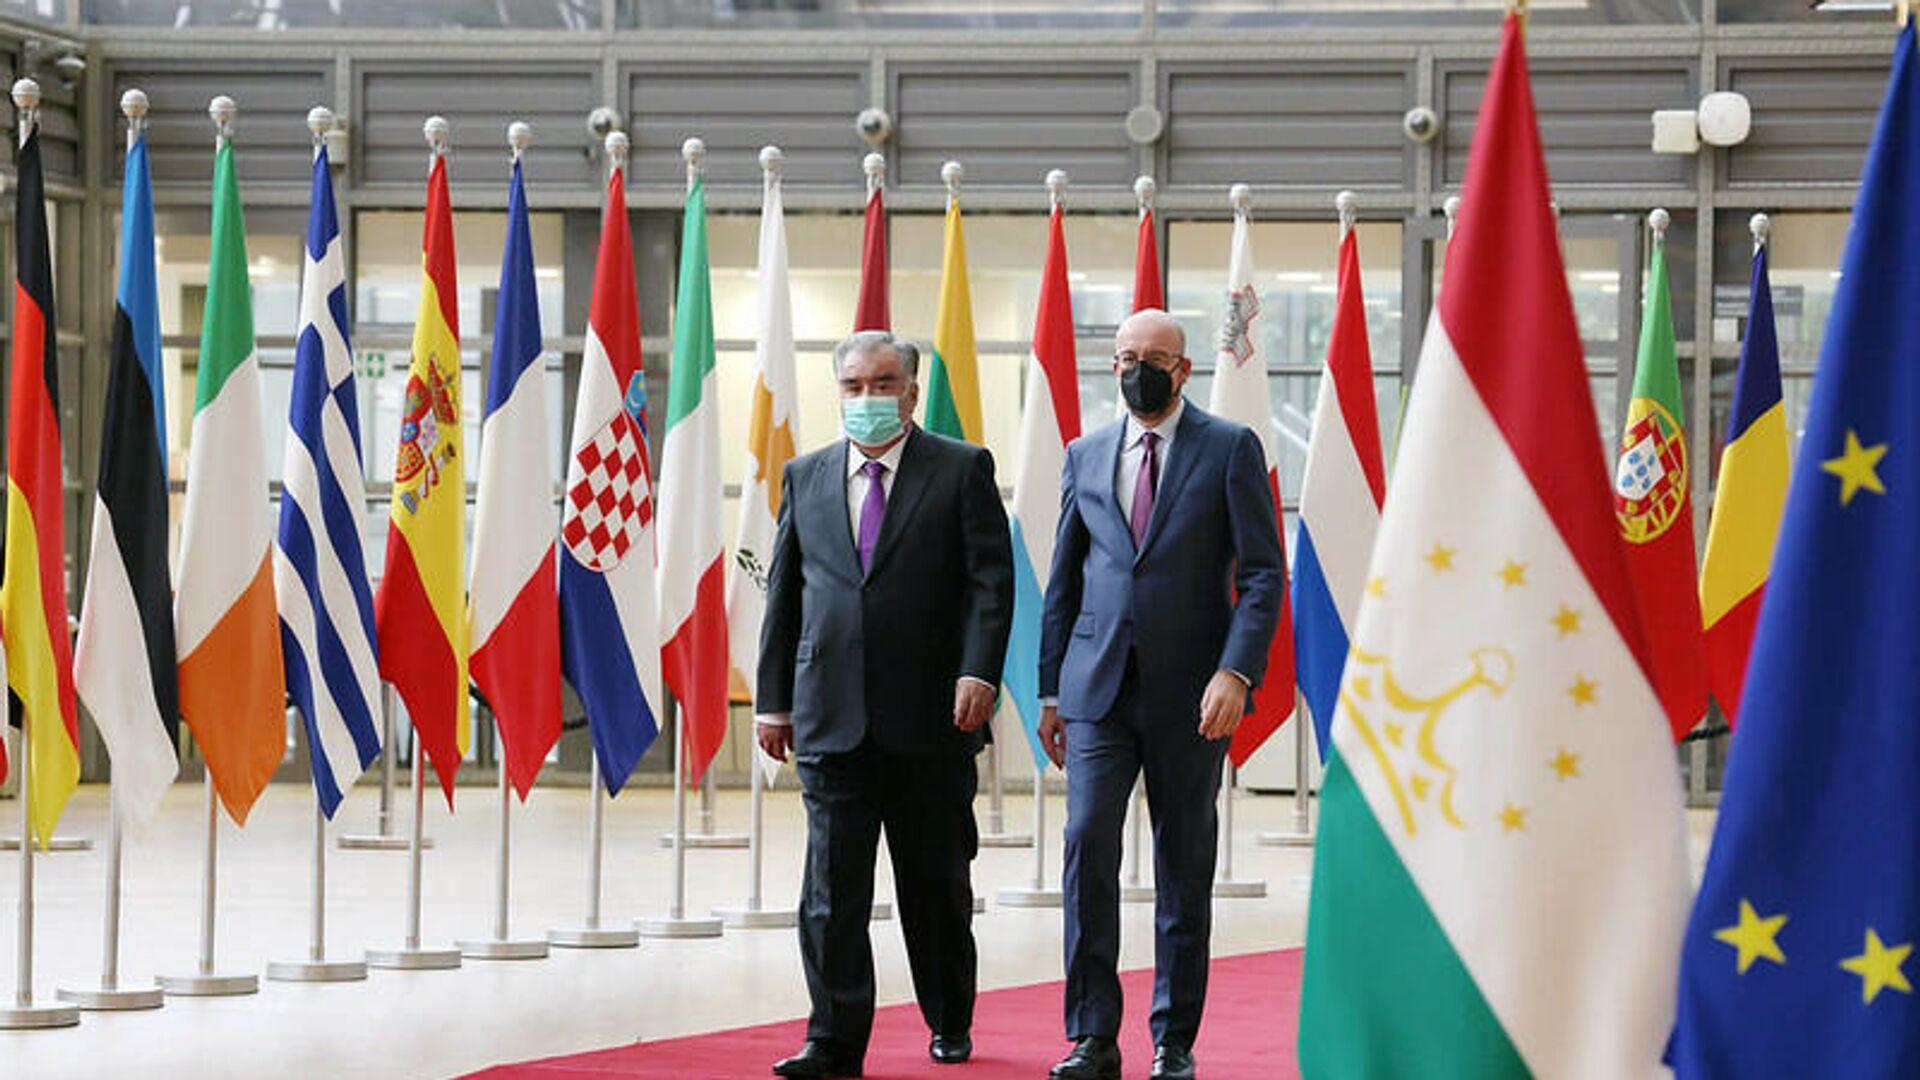 Президент Таджикистана Эмомали Рахмон и глава Совета Европейского Союза Шарль Мишель - Sputnik Таджикистан, 1920, 11.10.2021